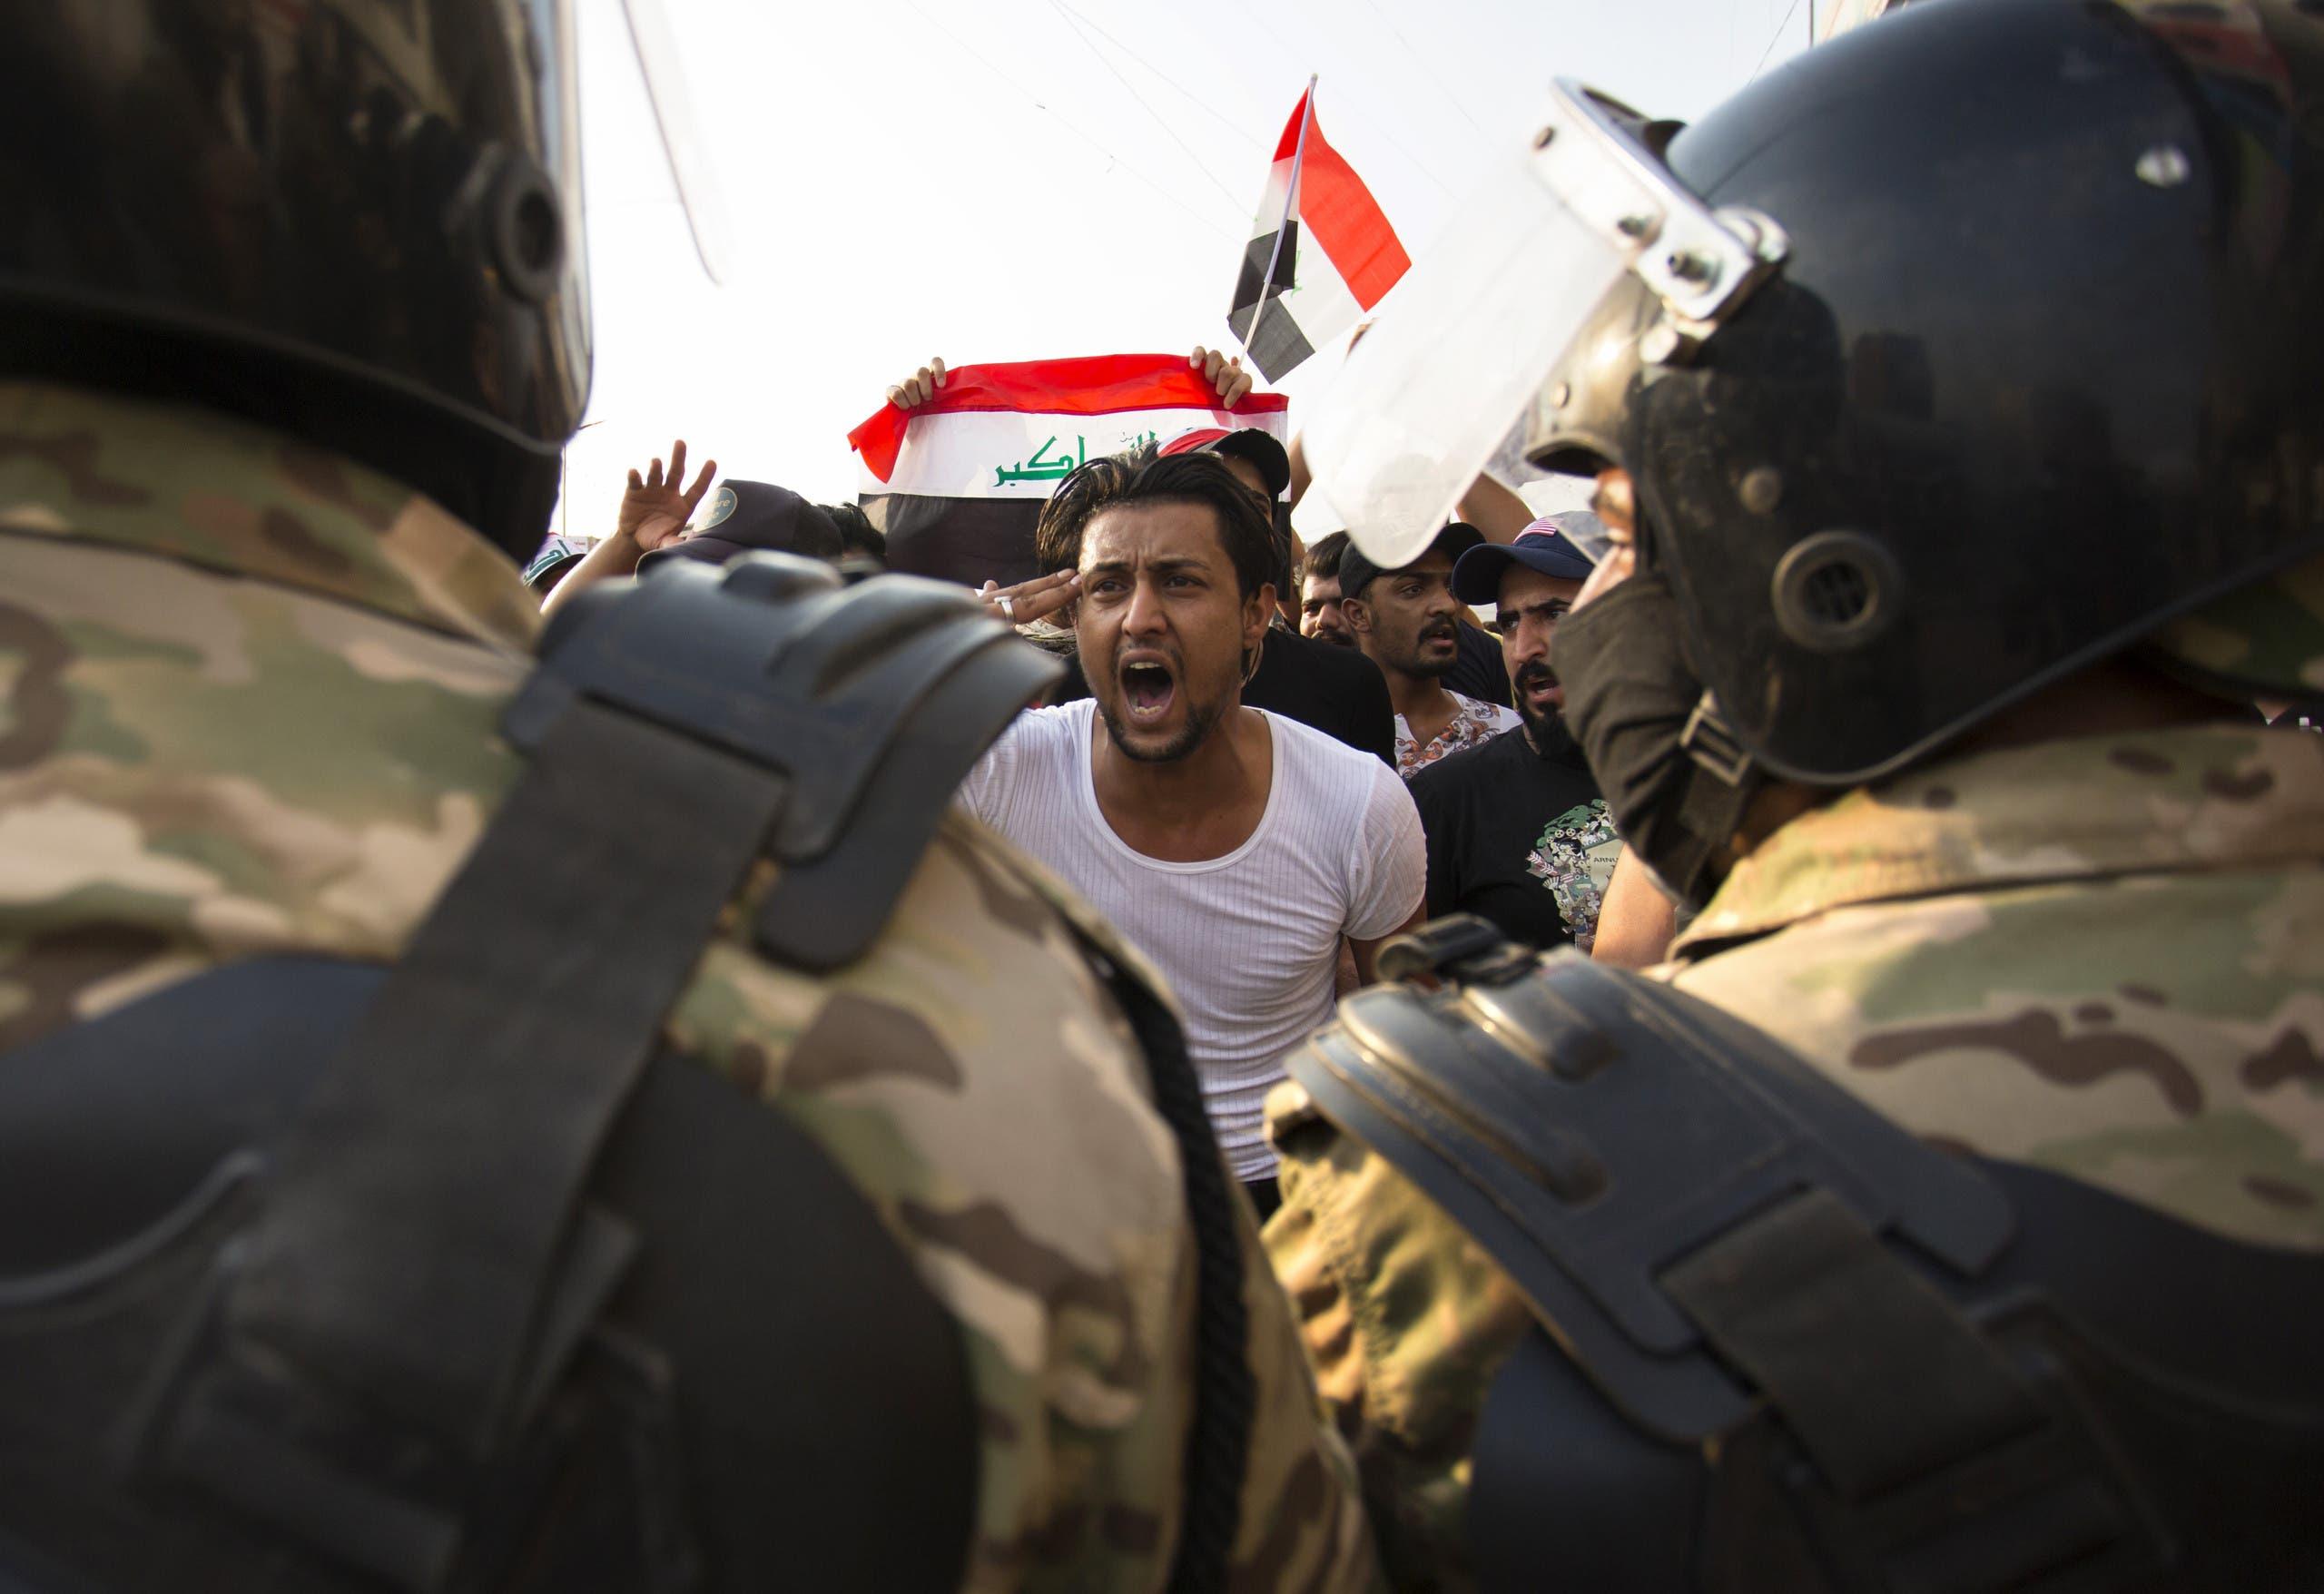 استخادم القوة الأمنية المفرطة ضد المتظاهرين أدى لارتفاع أعداد الضحايا